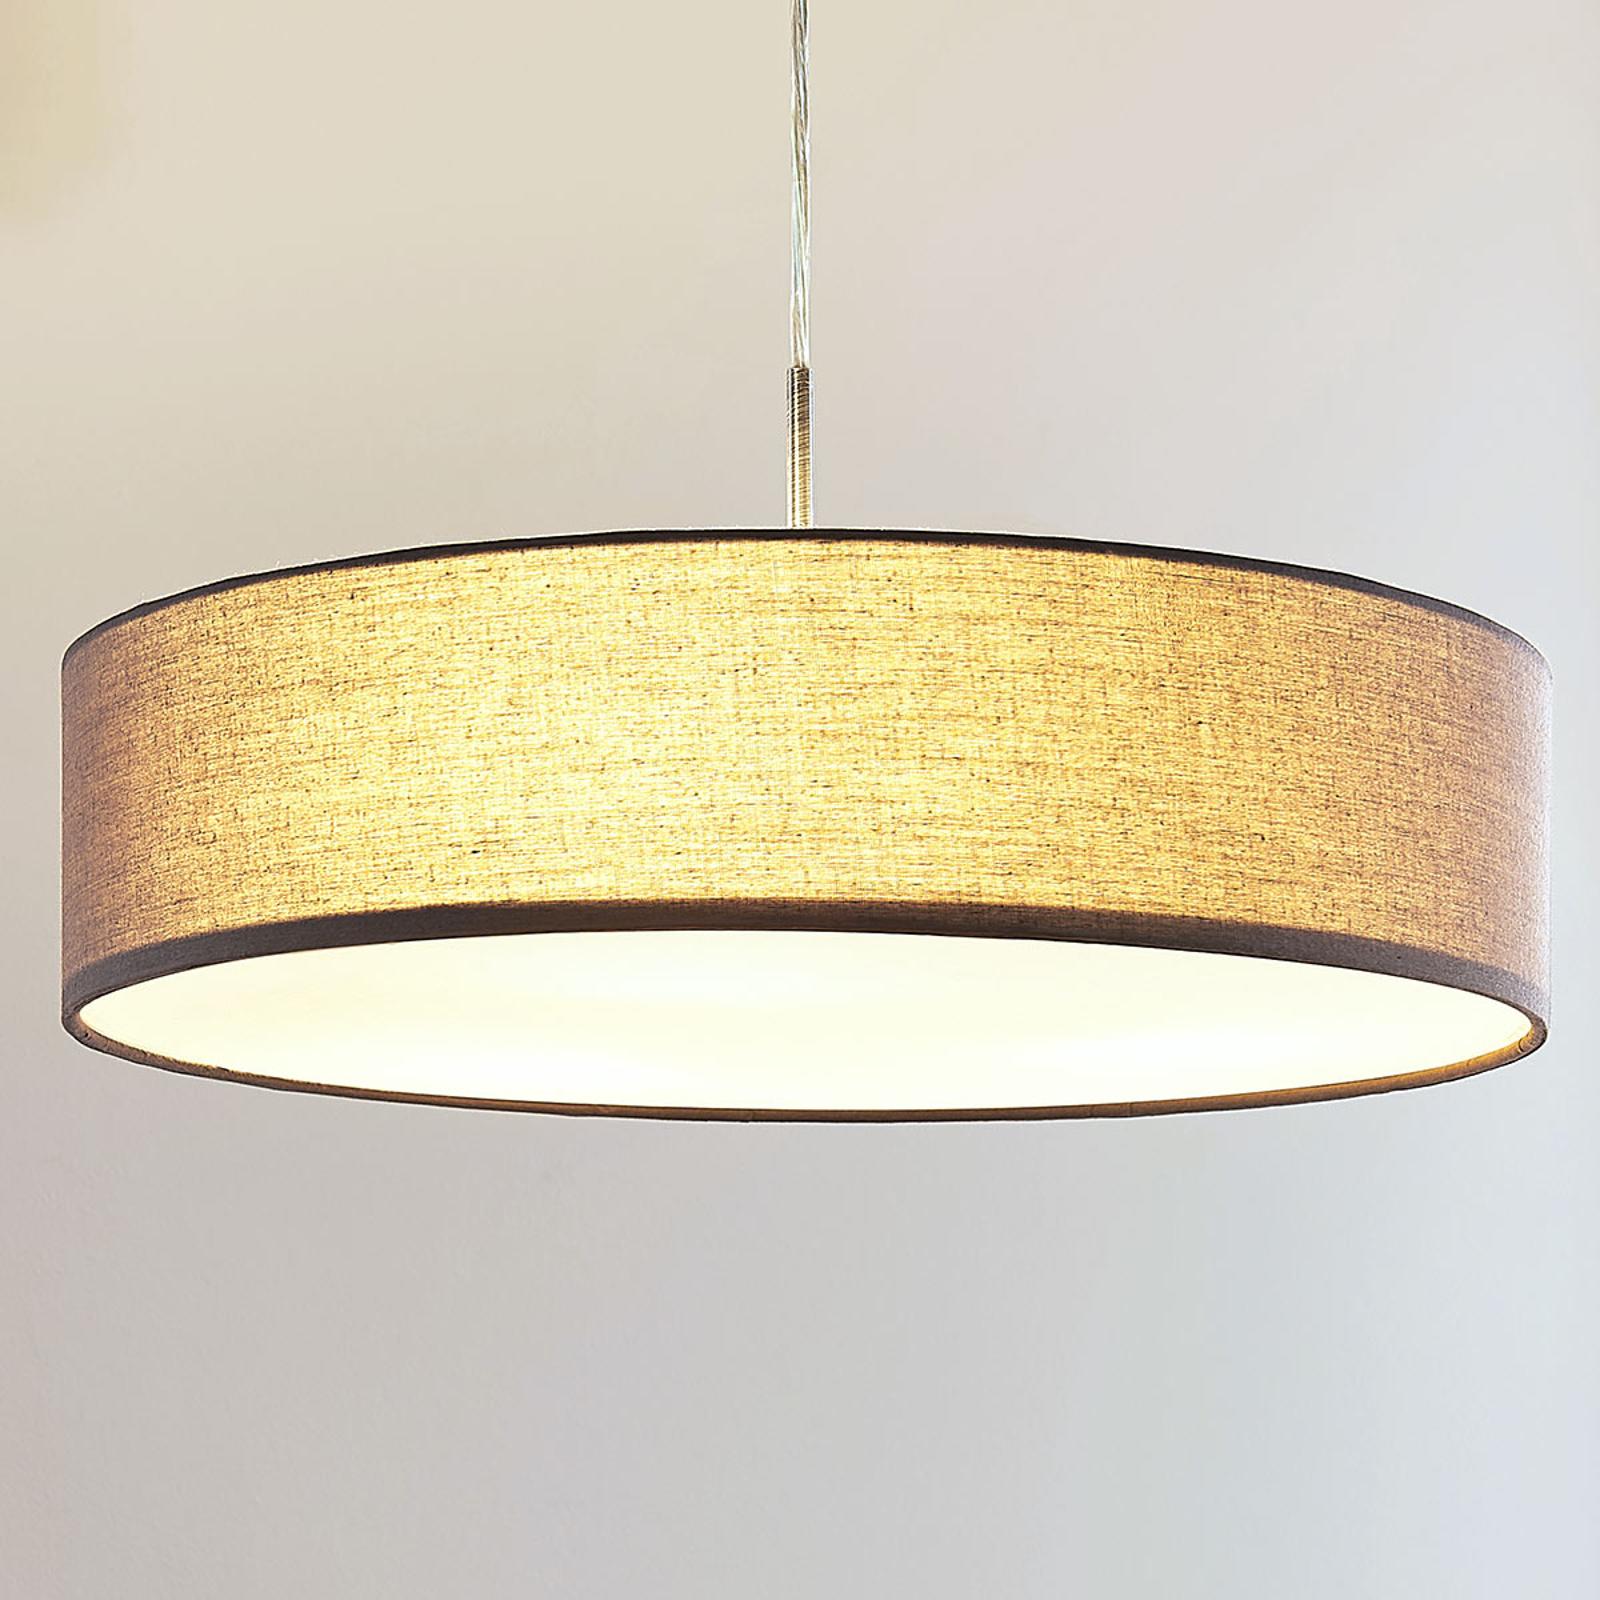 Kankainen riippuvalaisin Sebatin, harmaa, E27-LED